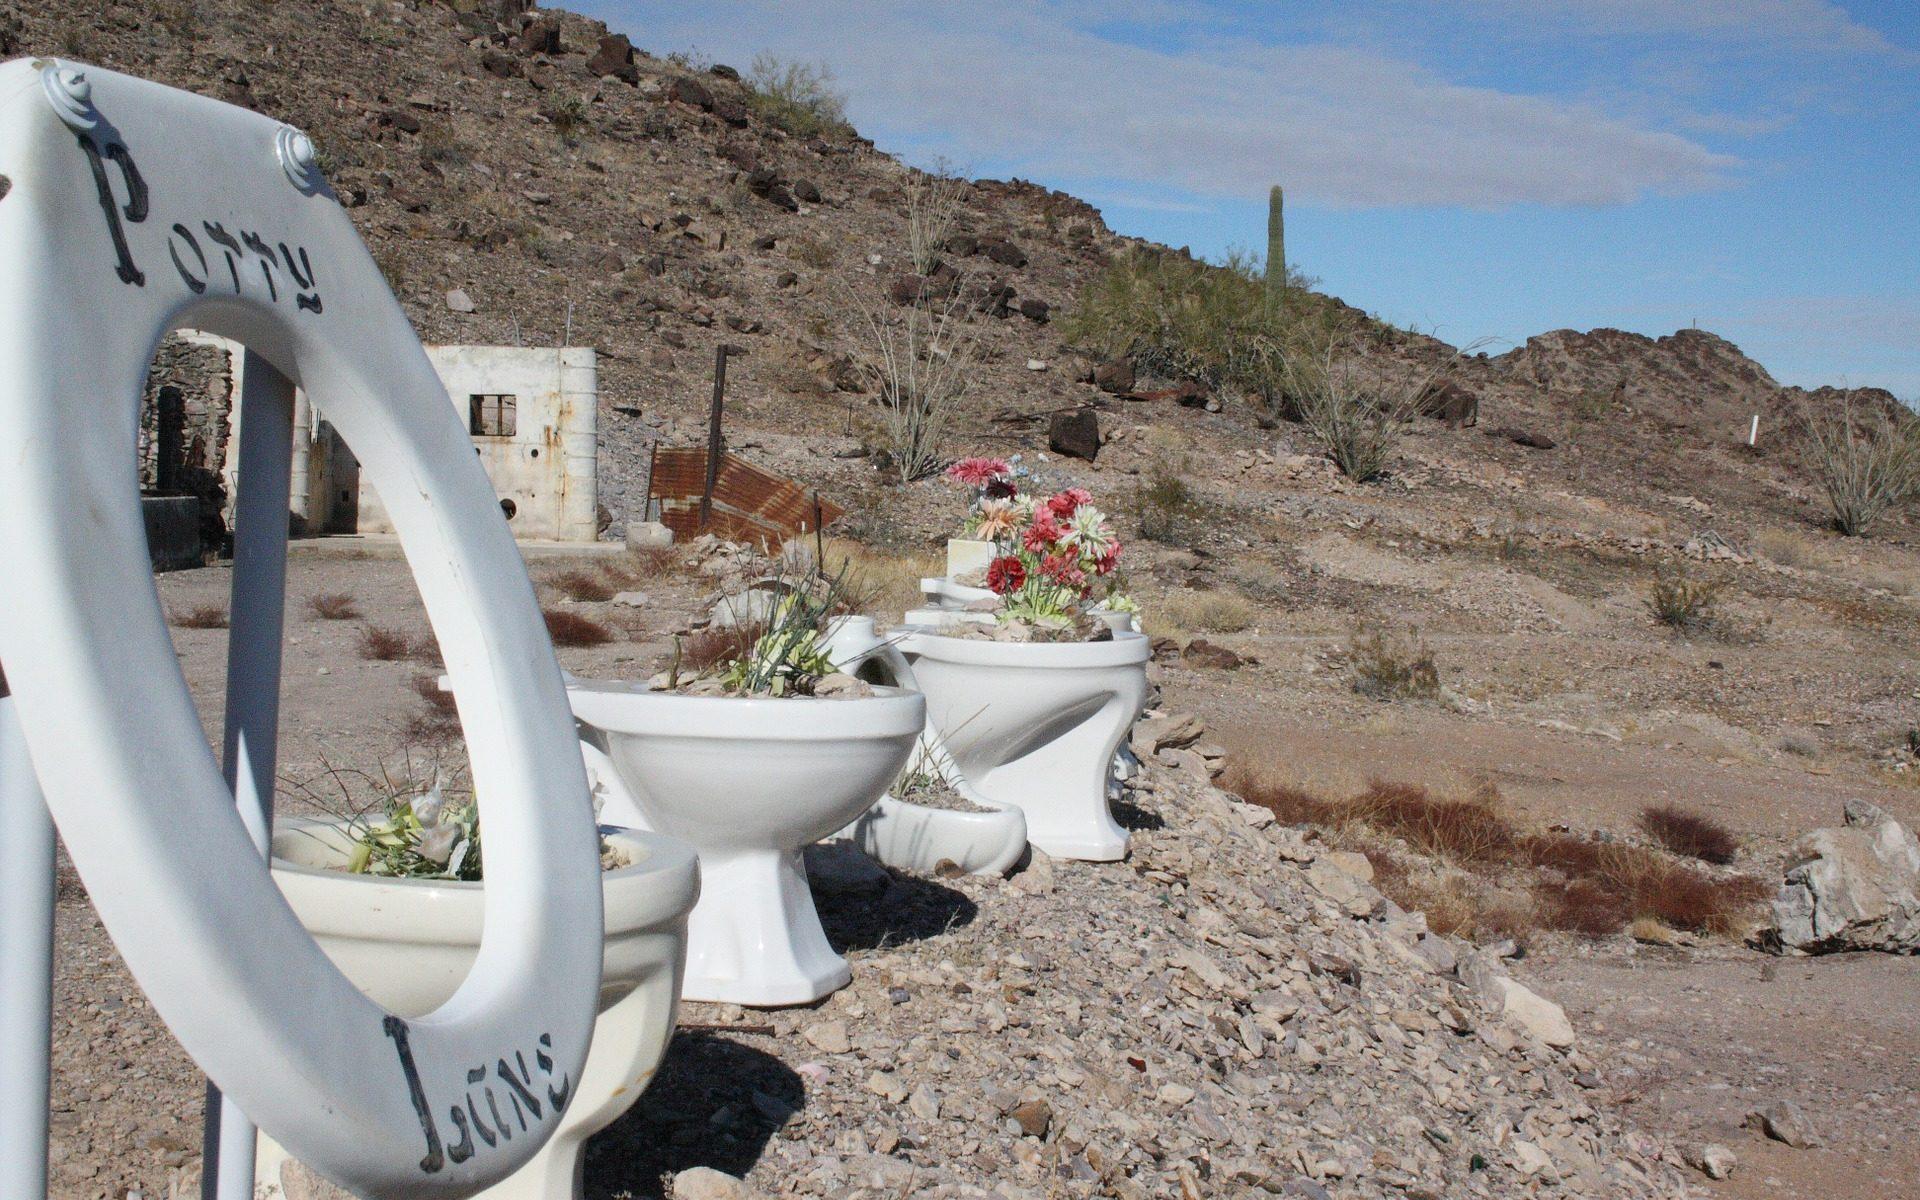 """quartzsite kloschuesseln wueste 1920x1200 - Quartzsite, Arizona: Blühende Kloschüsseln in der Wüste - """"Erdman's Place"""""""